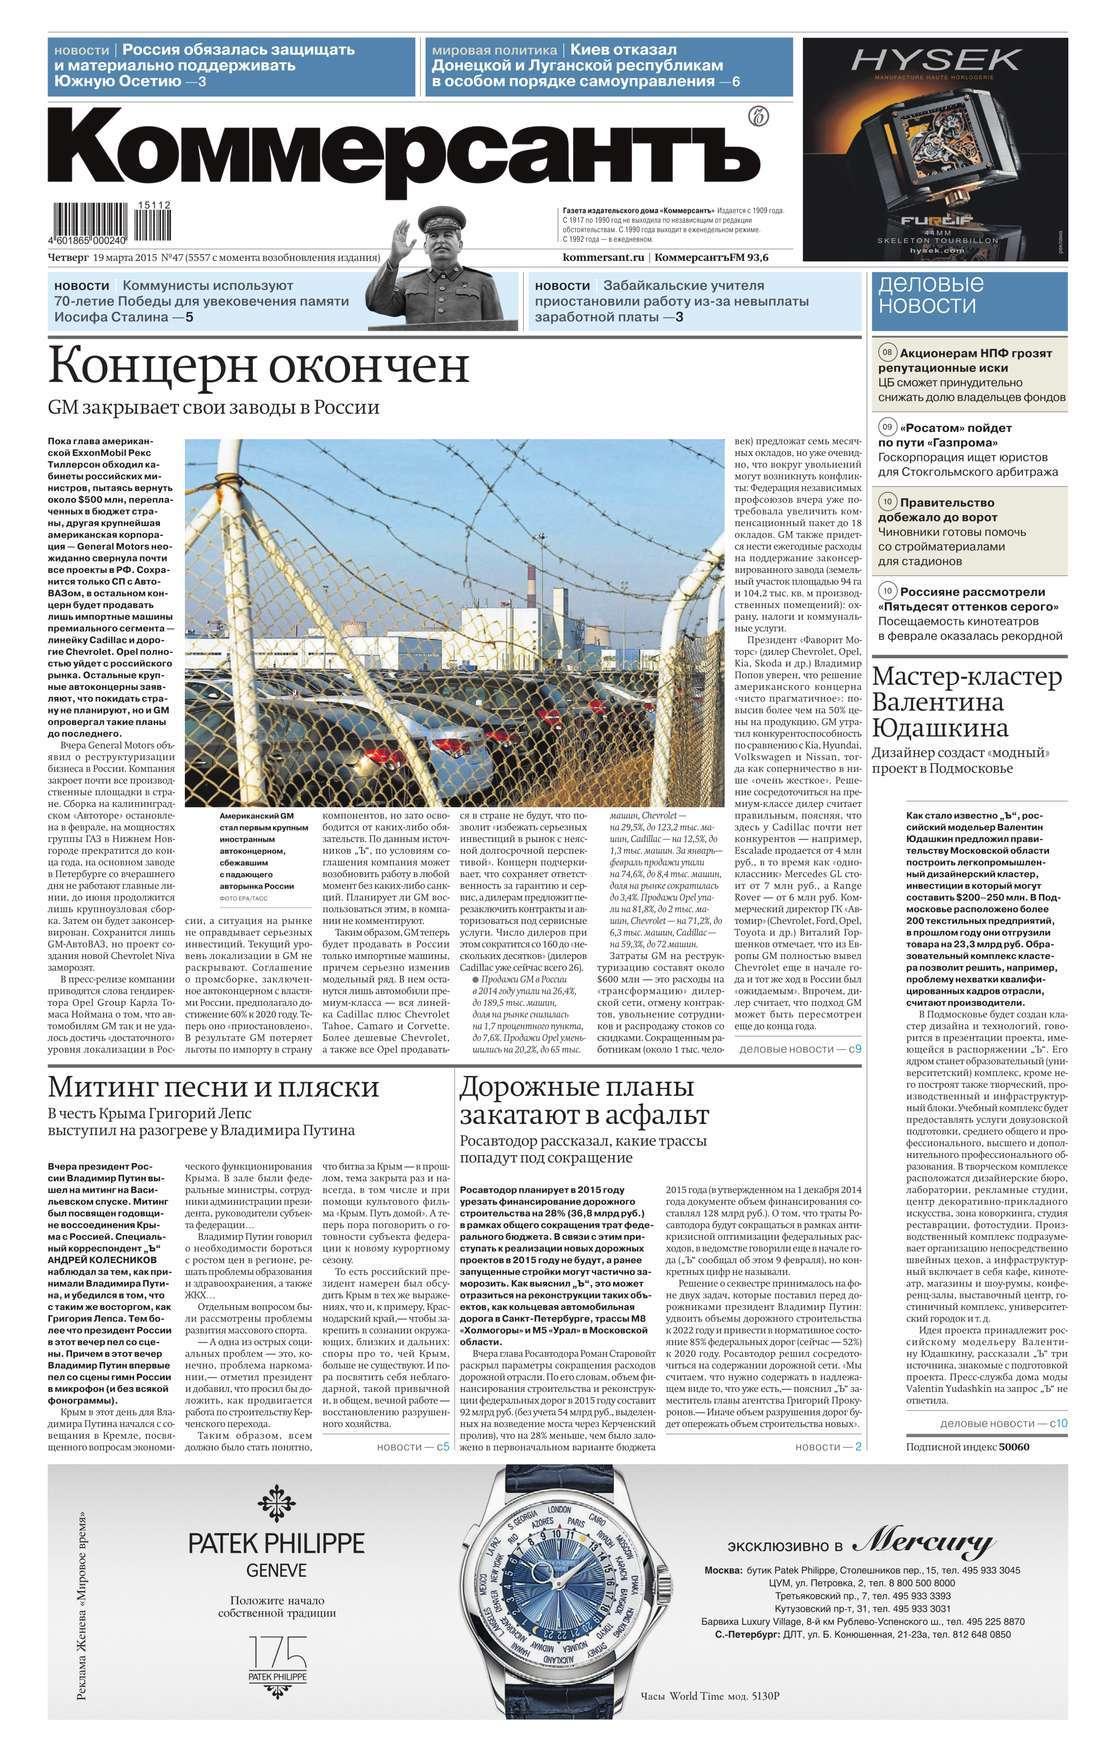 Скачать КоммерсантЪ 47-2015 бесплатно Редакция газеты КоммерсантЪ